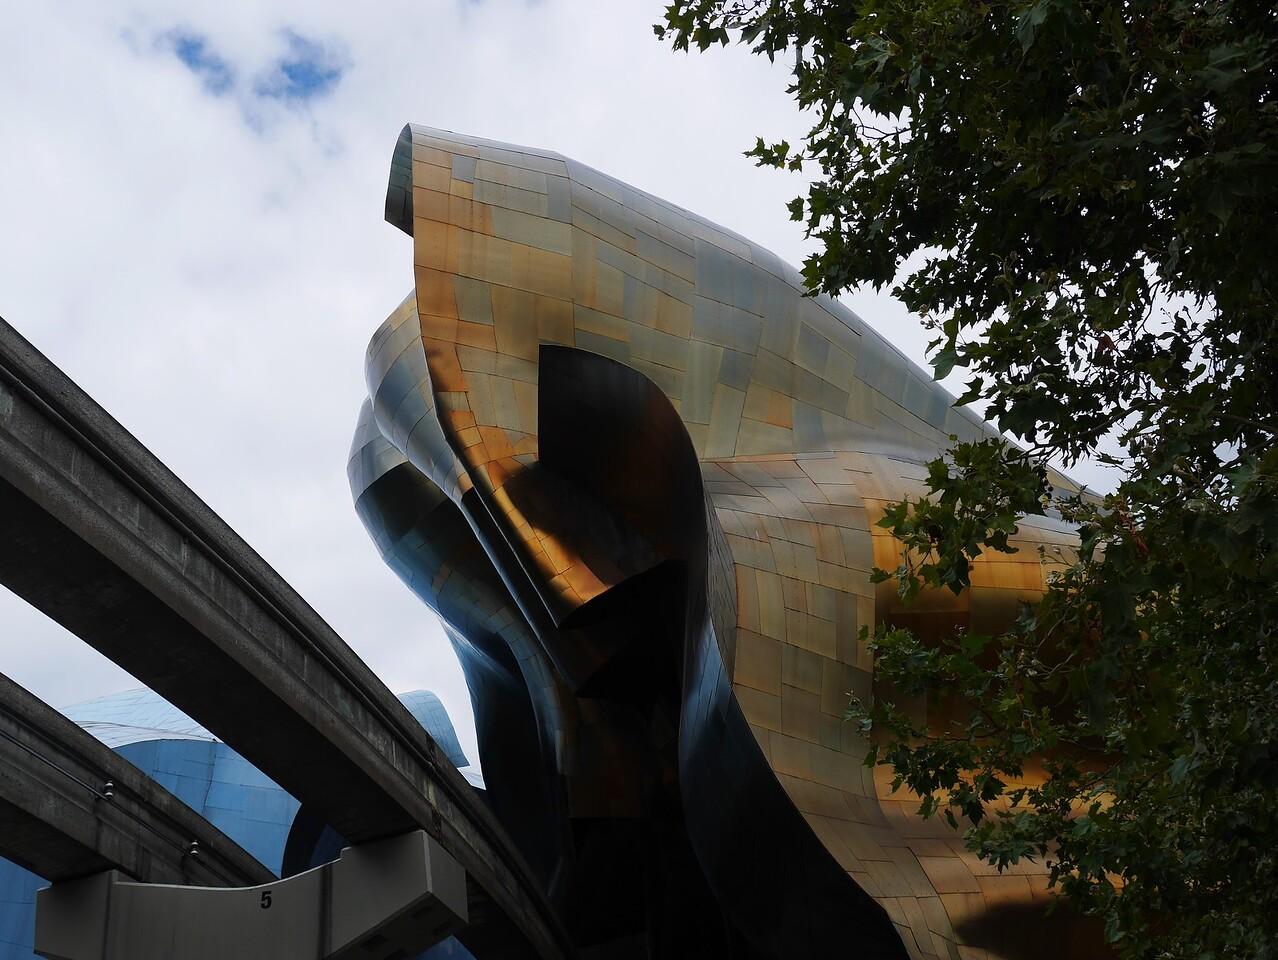 Seattle- Monorail + Pop Art Museum